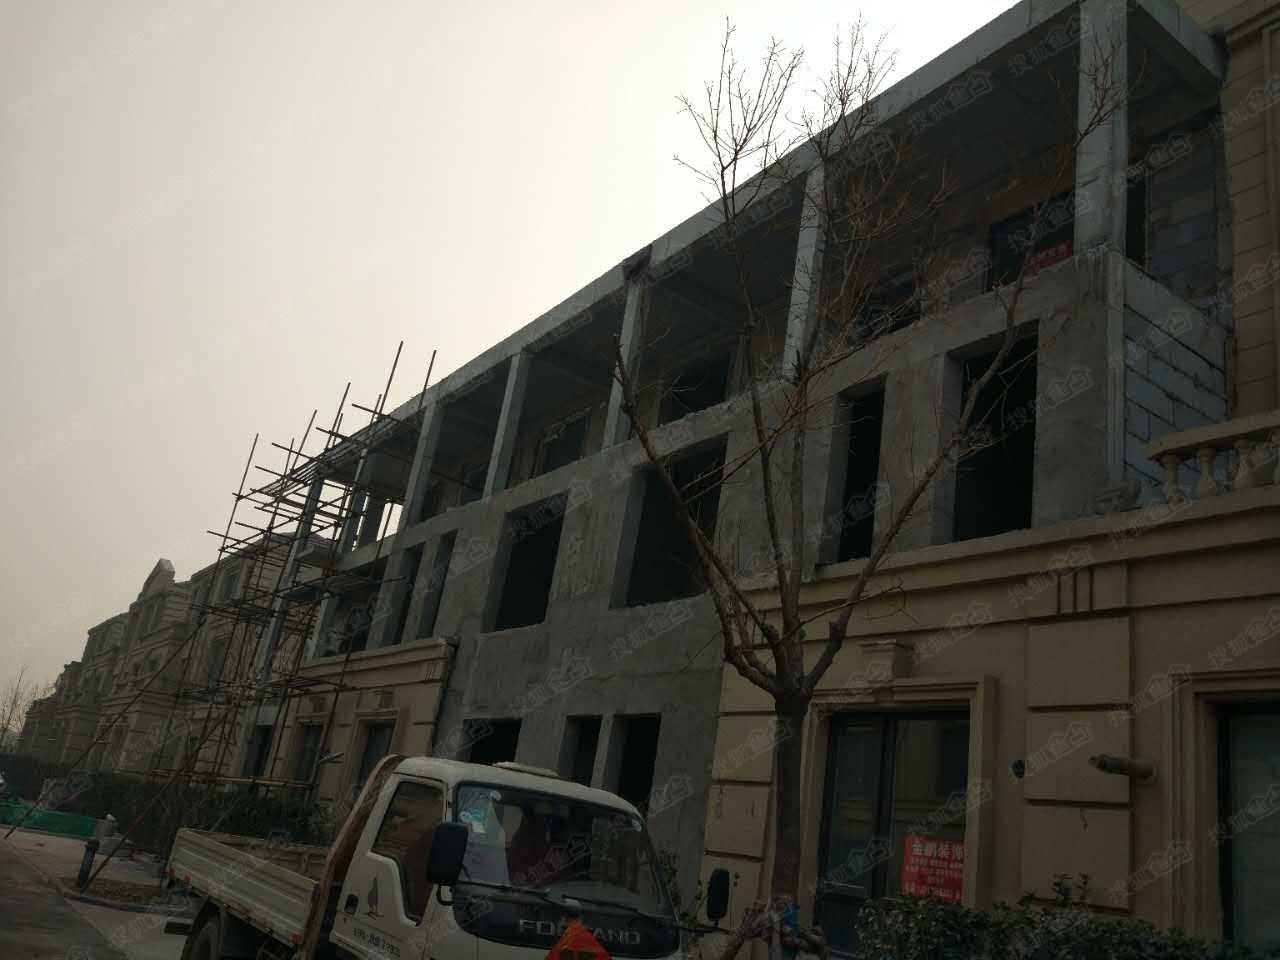 专业别墅改造 土建钢结构 混凝土现浇 钢混结合工程